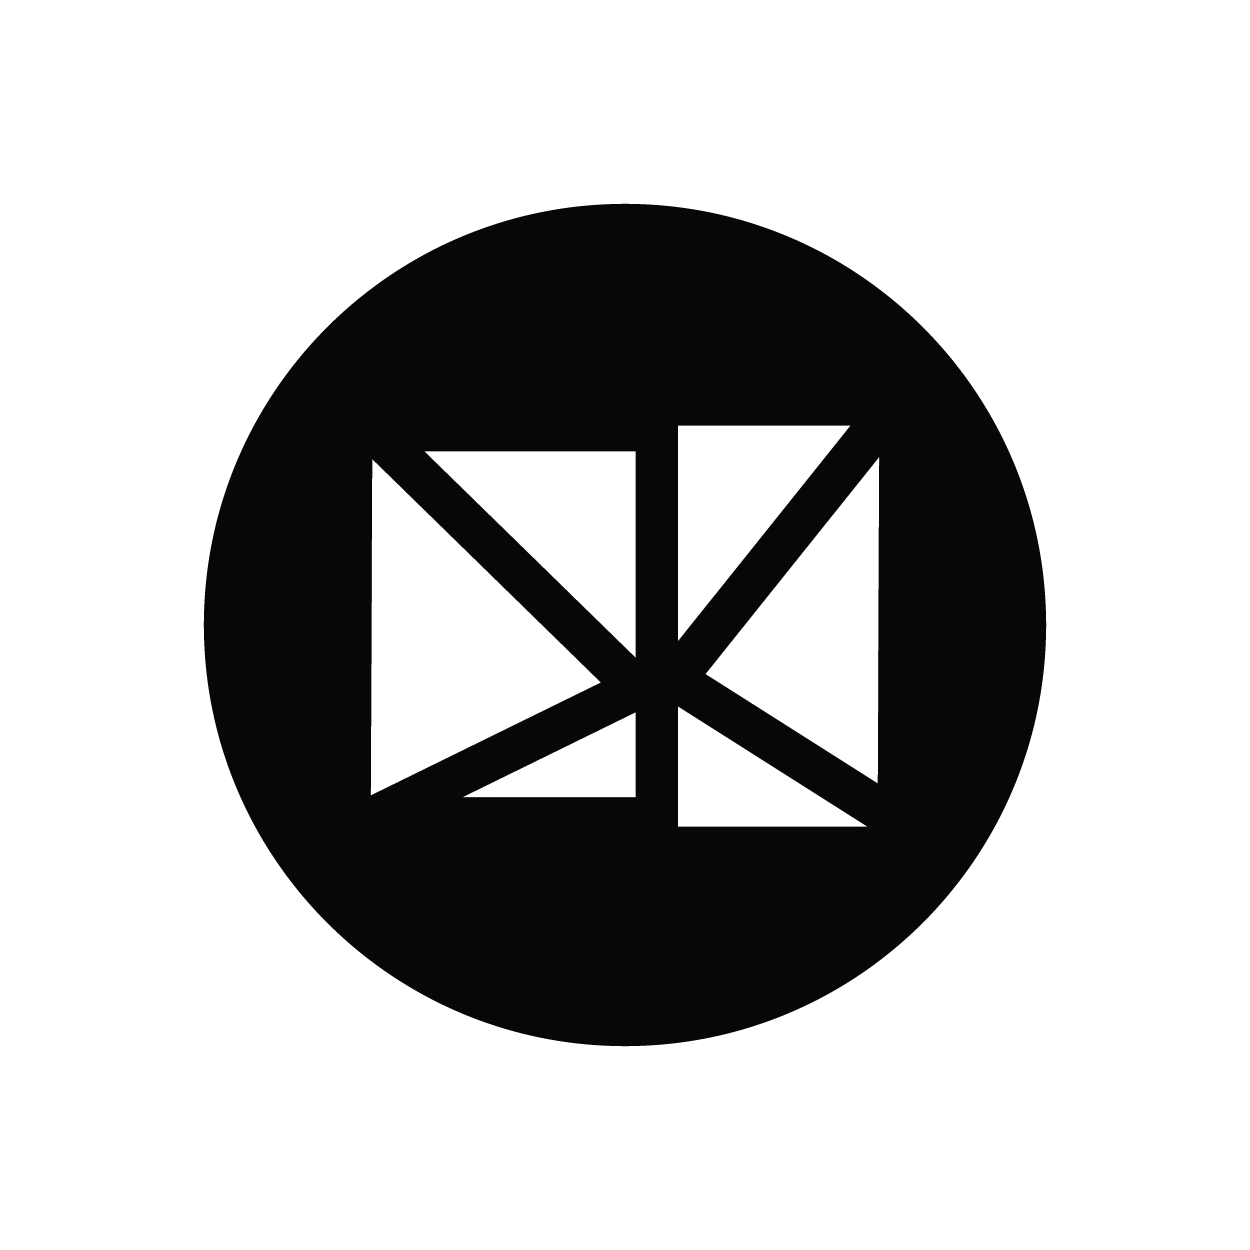 Logos-gia-ikarian-media-04.png